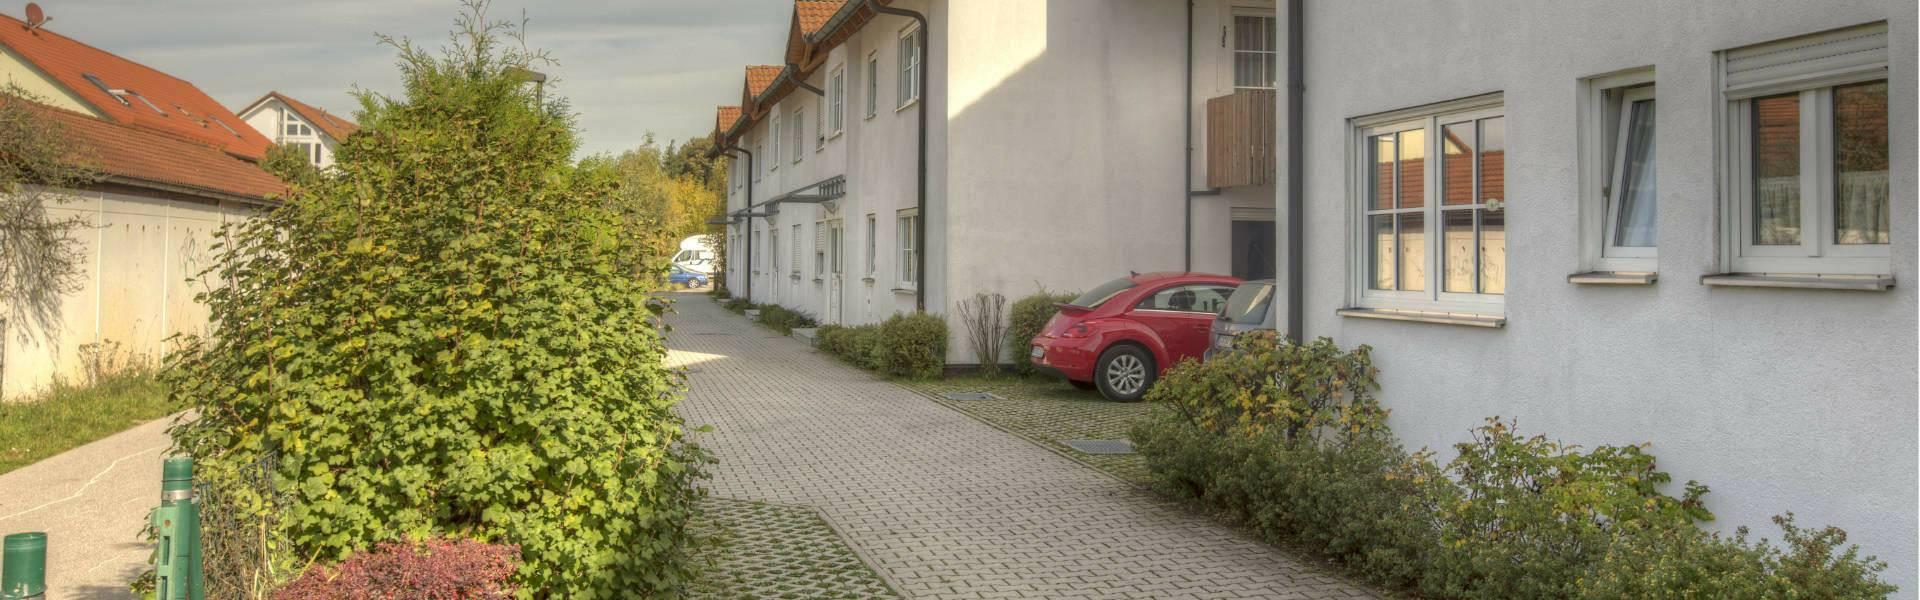 Immobilie verkaufen München